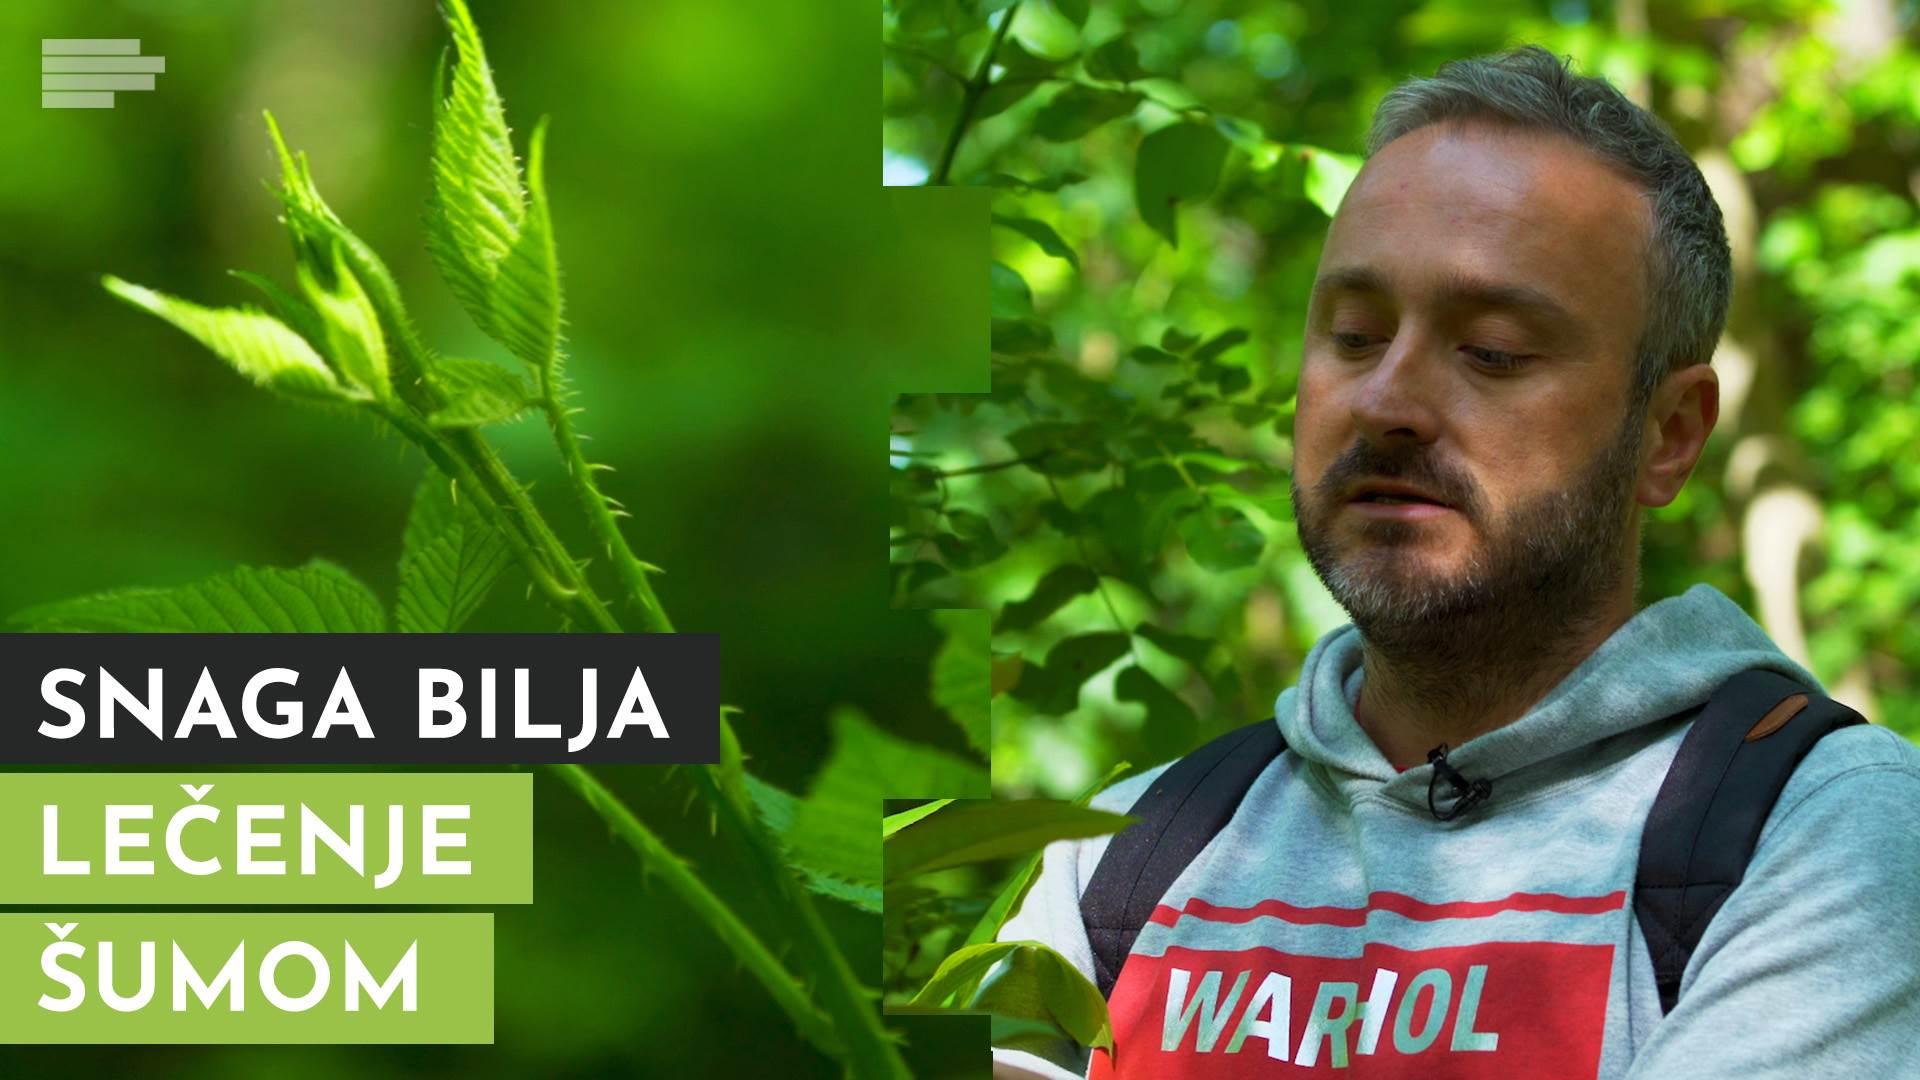 Snaga bilja: Lečenje šumom